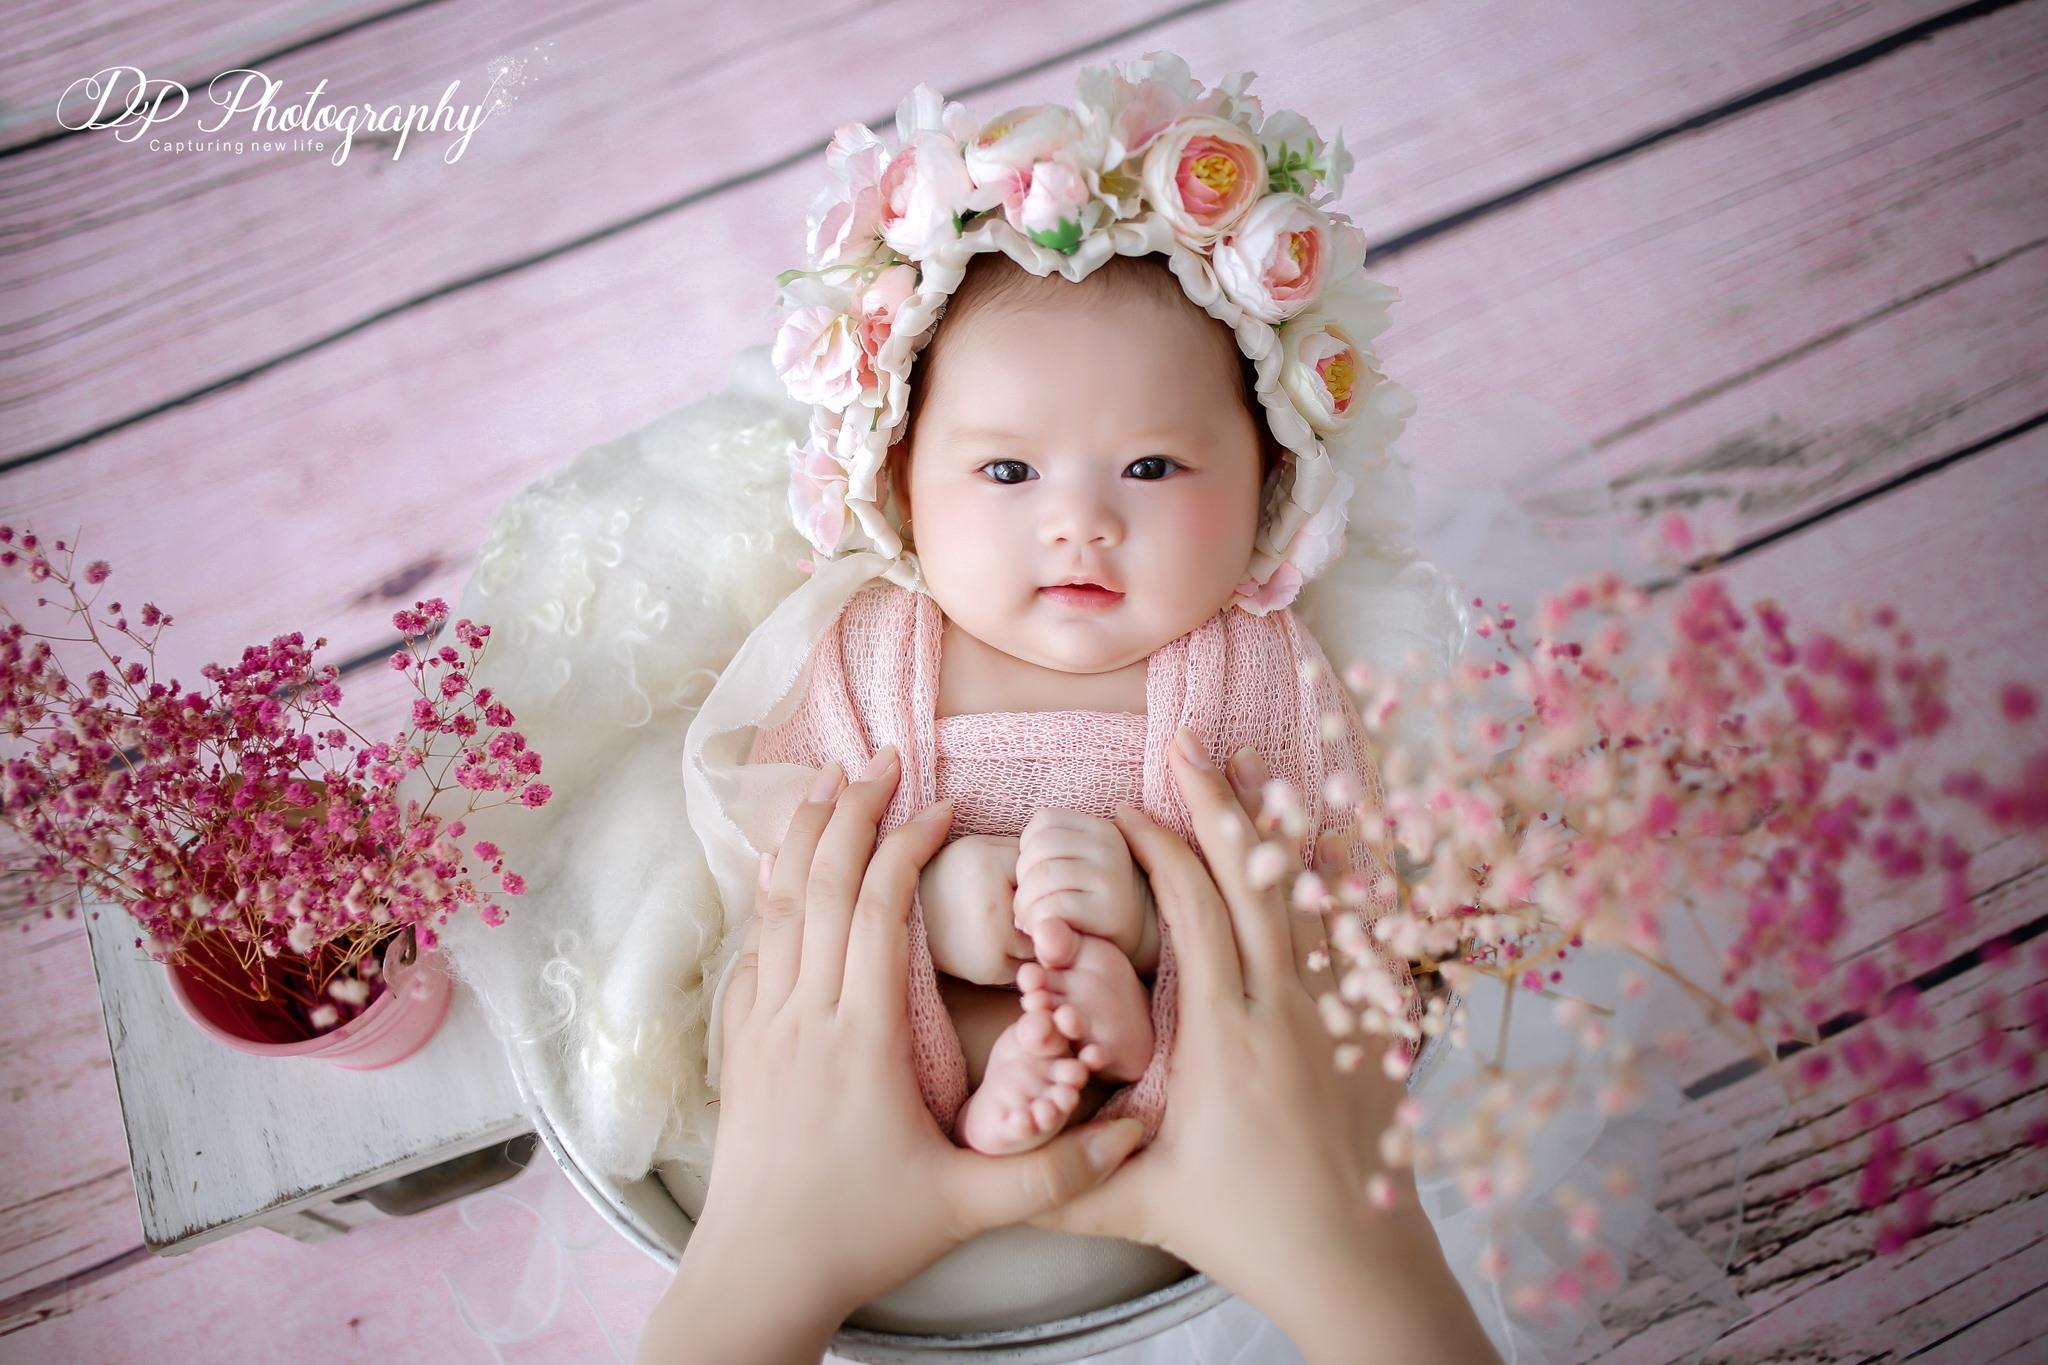 Top 9 studio chụp ảnh cho bé đẹp và chất lượng nhất Biên Hòa, Đồng Nai - DP Photography